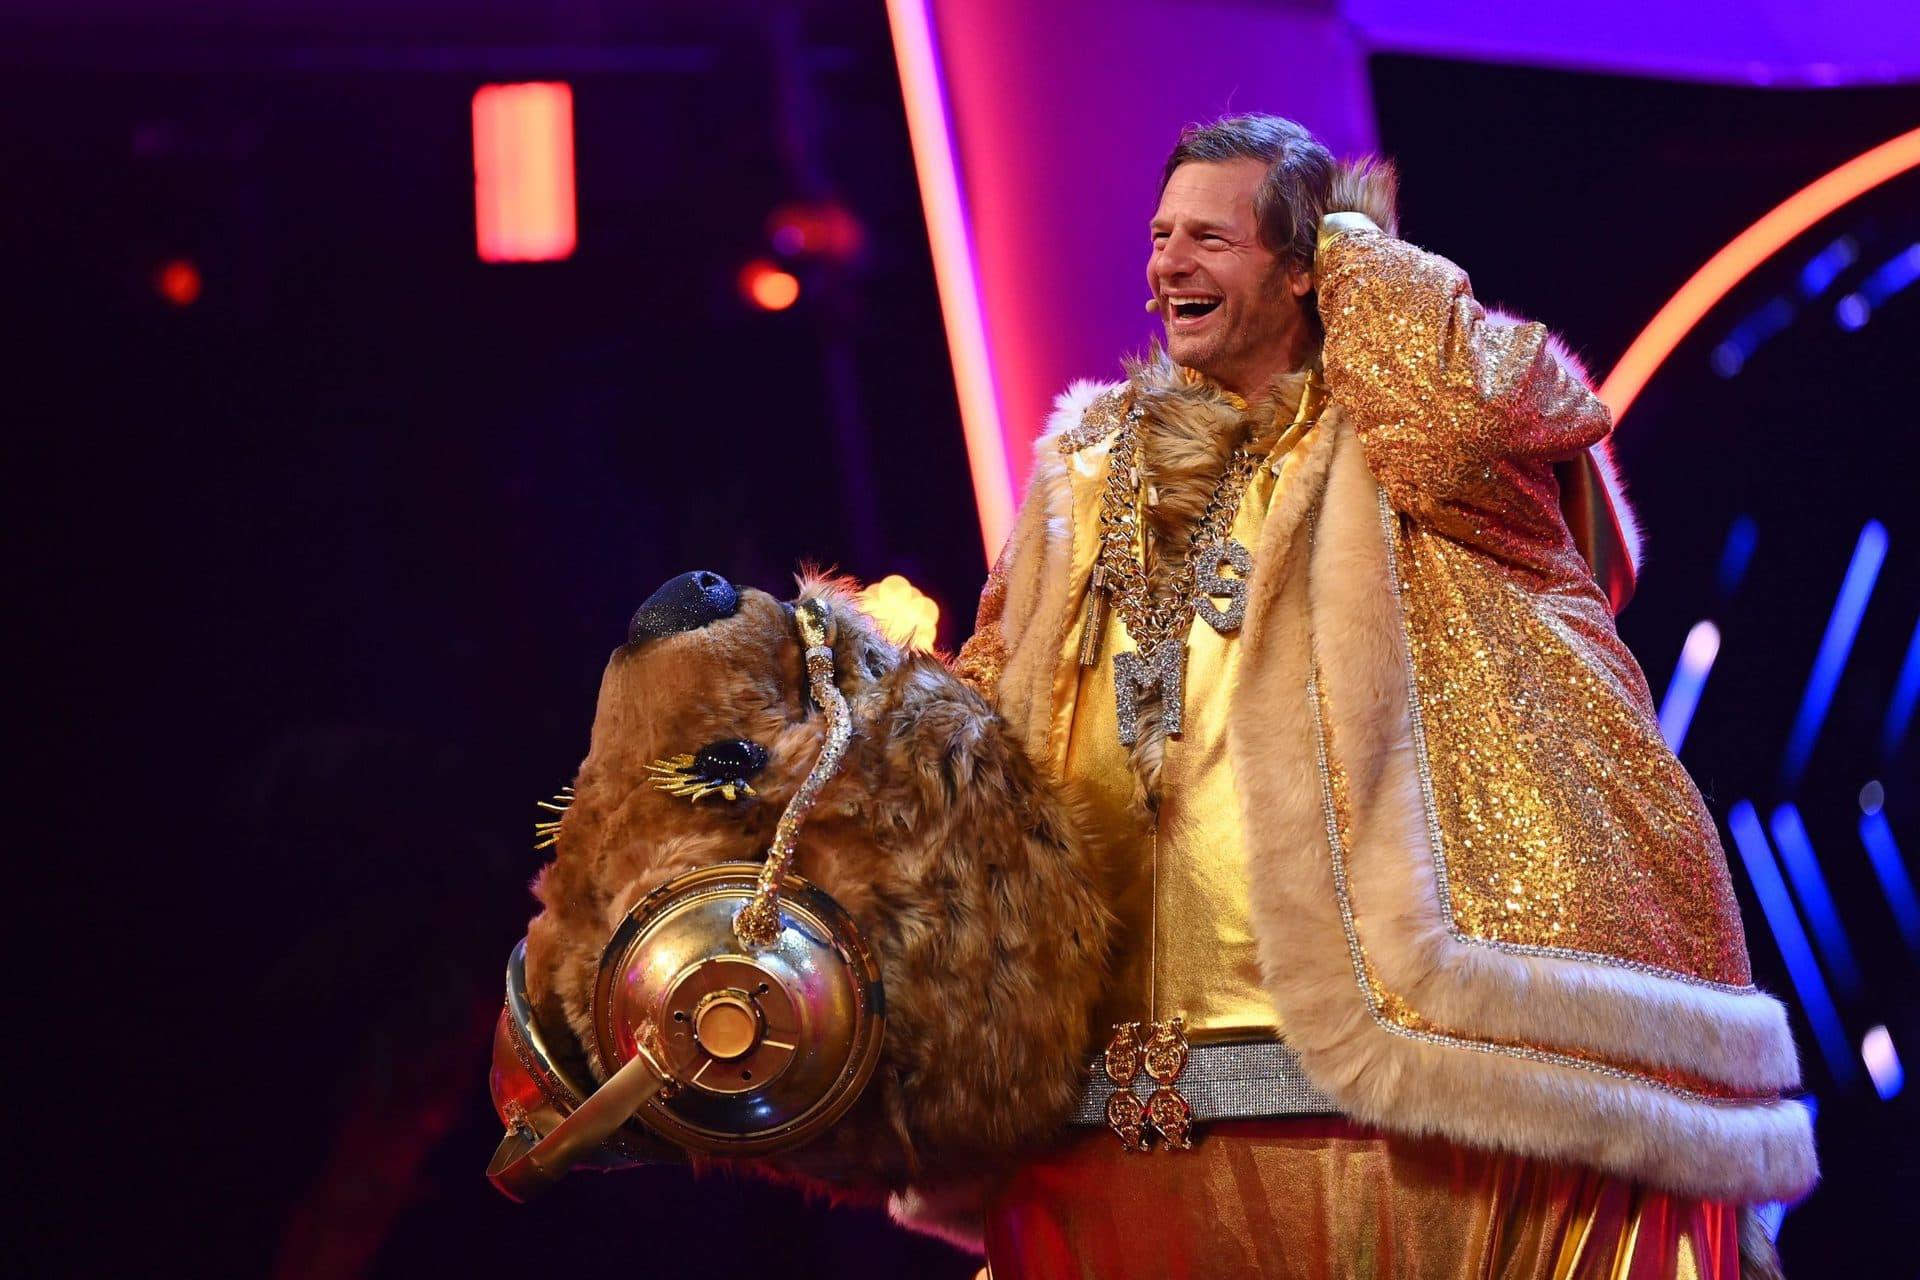 «Masked Singer»: Das Quokka ist «Der letzte Bulle» ProSieben-Show